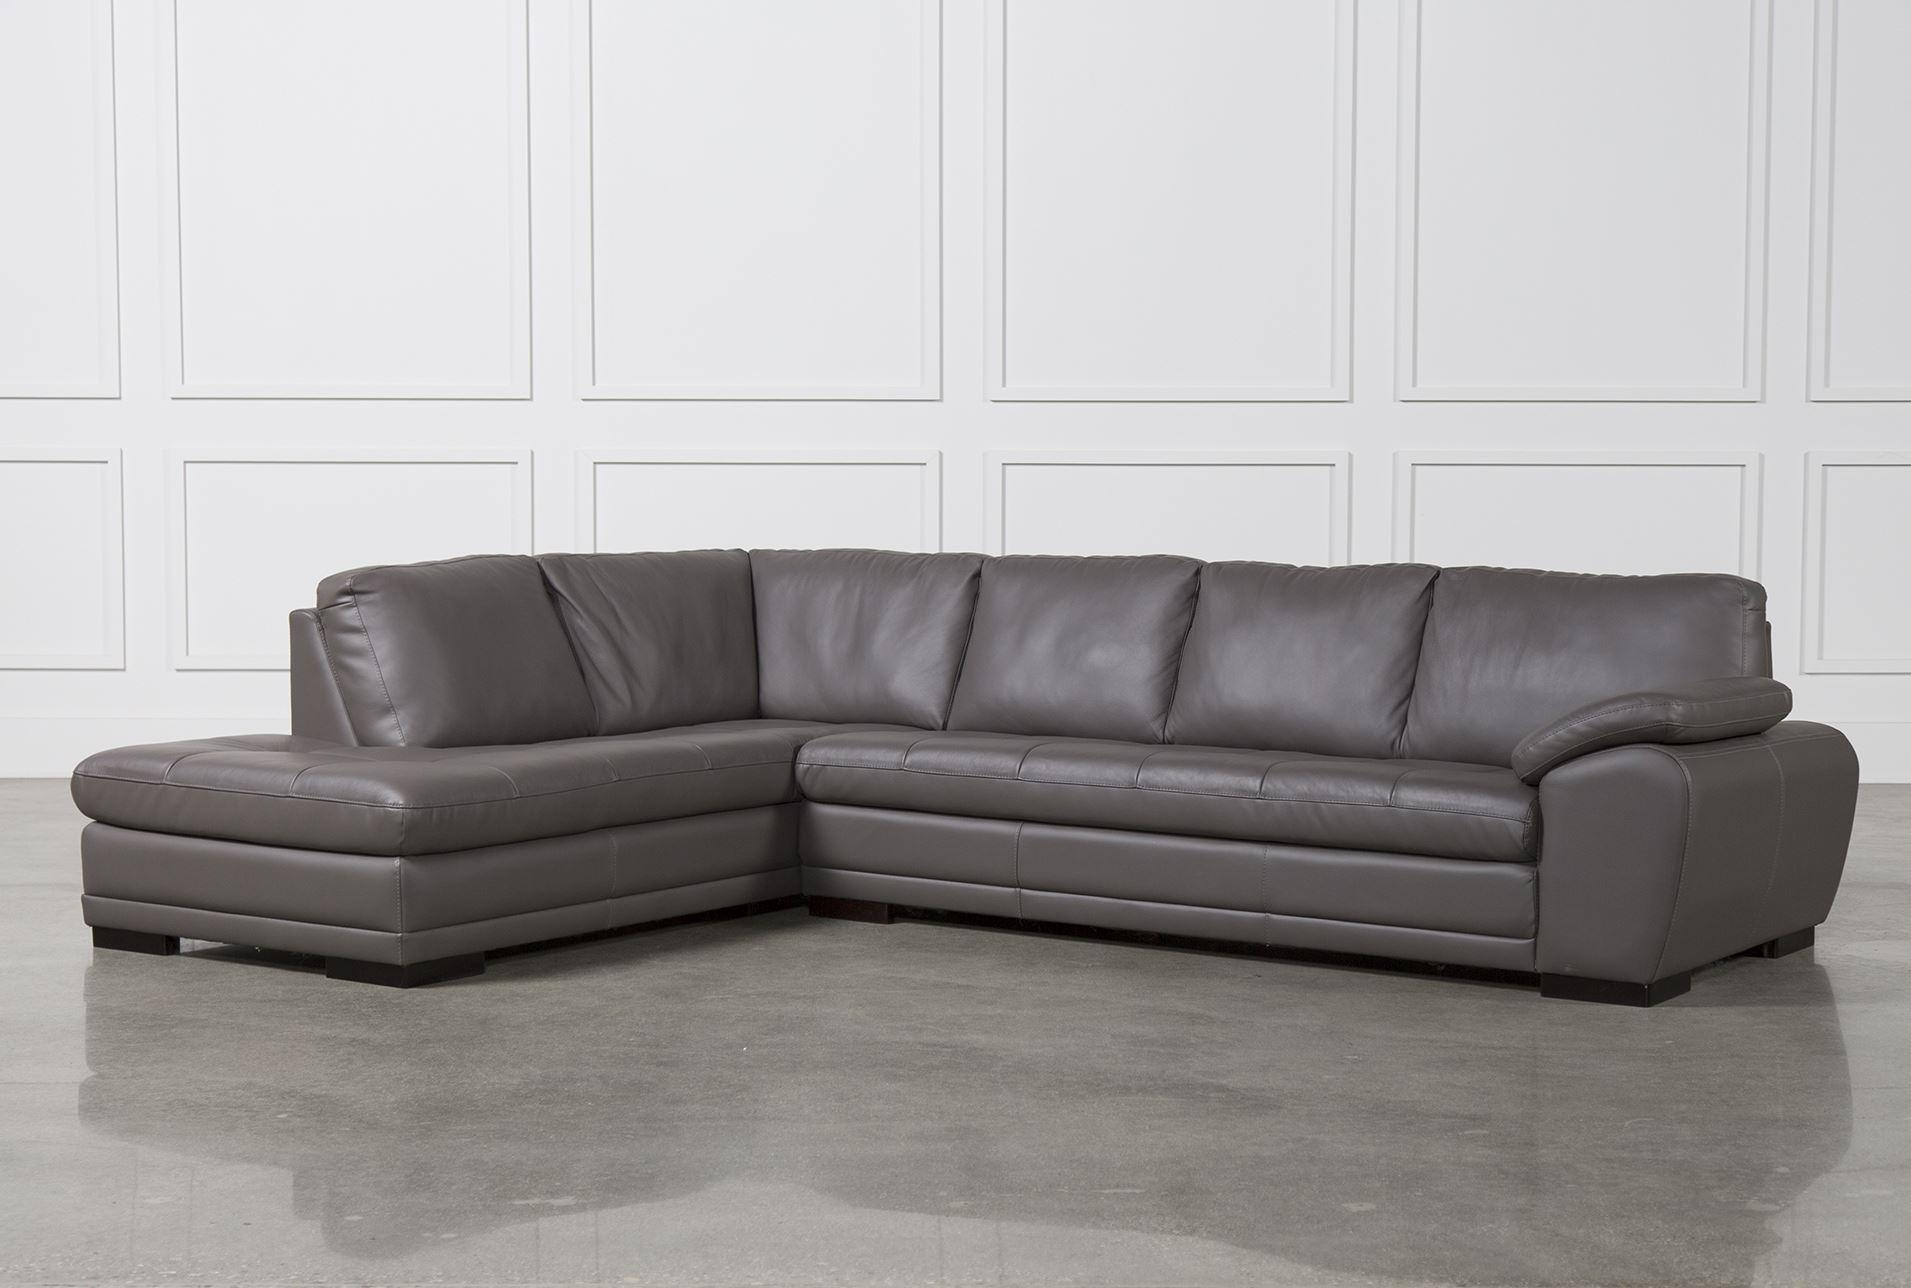 craigslist sacramento sofa table 10ft 20 best ideas sectional sofas